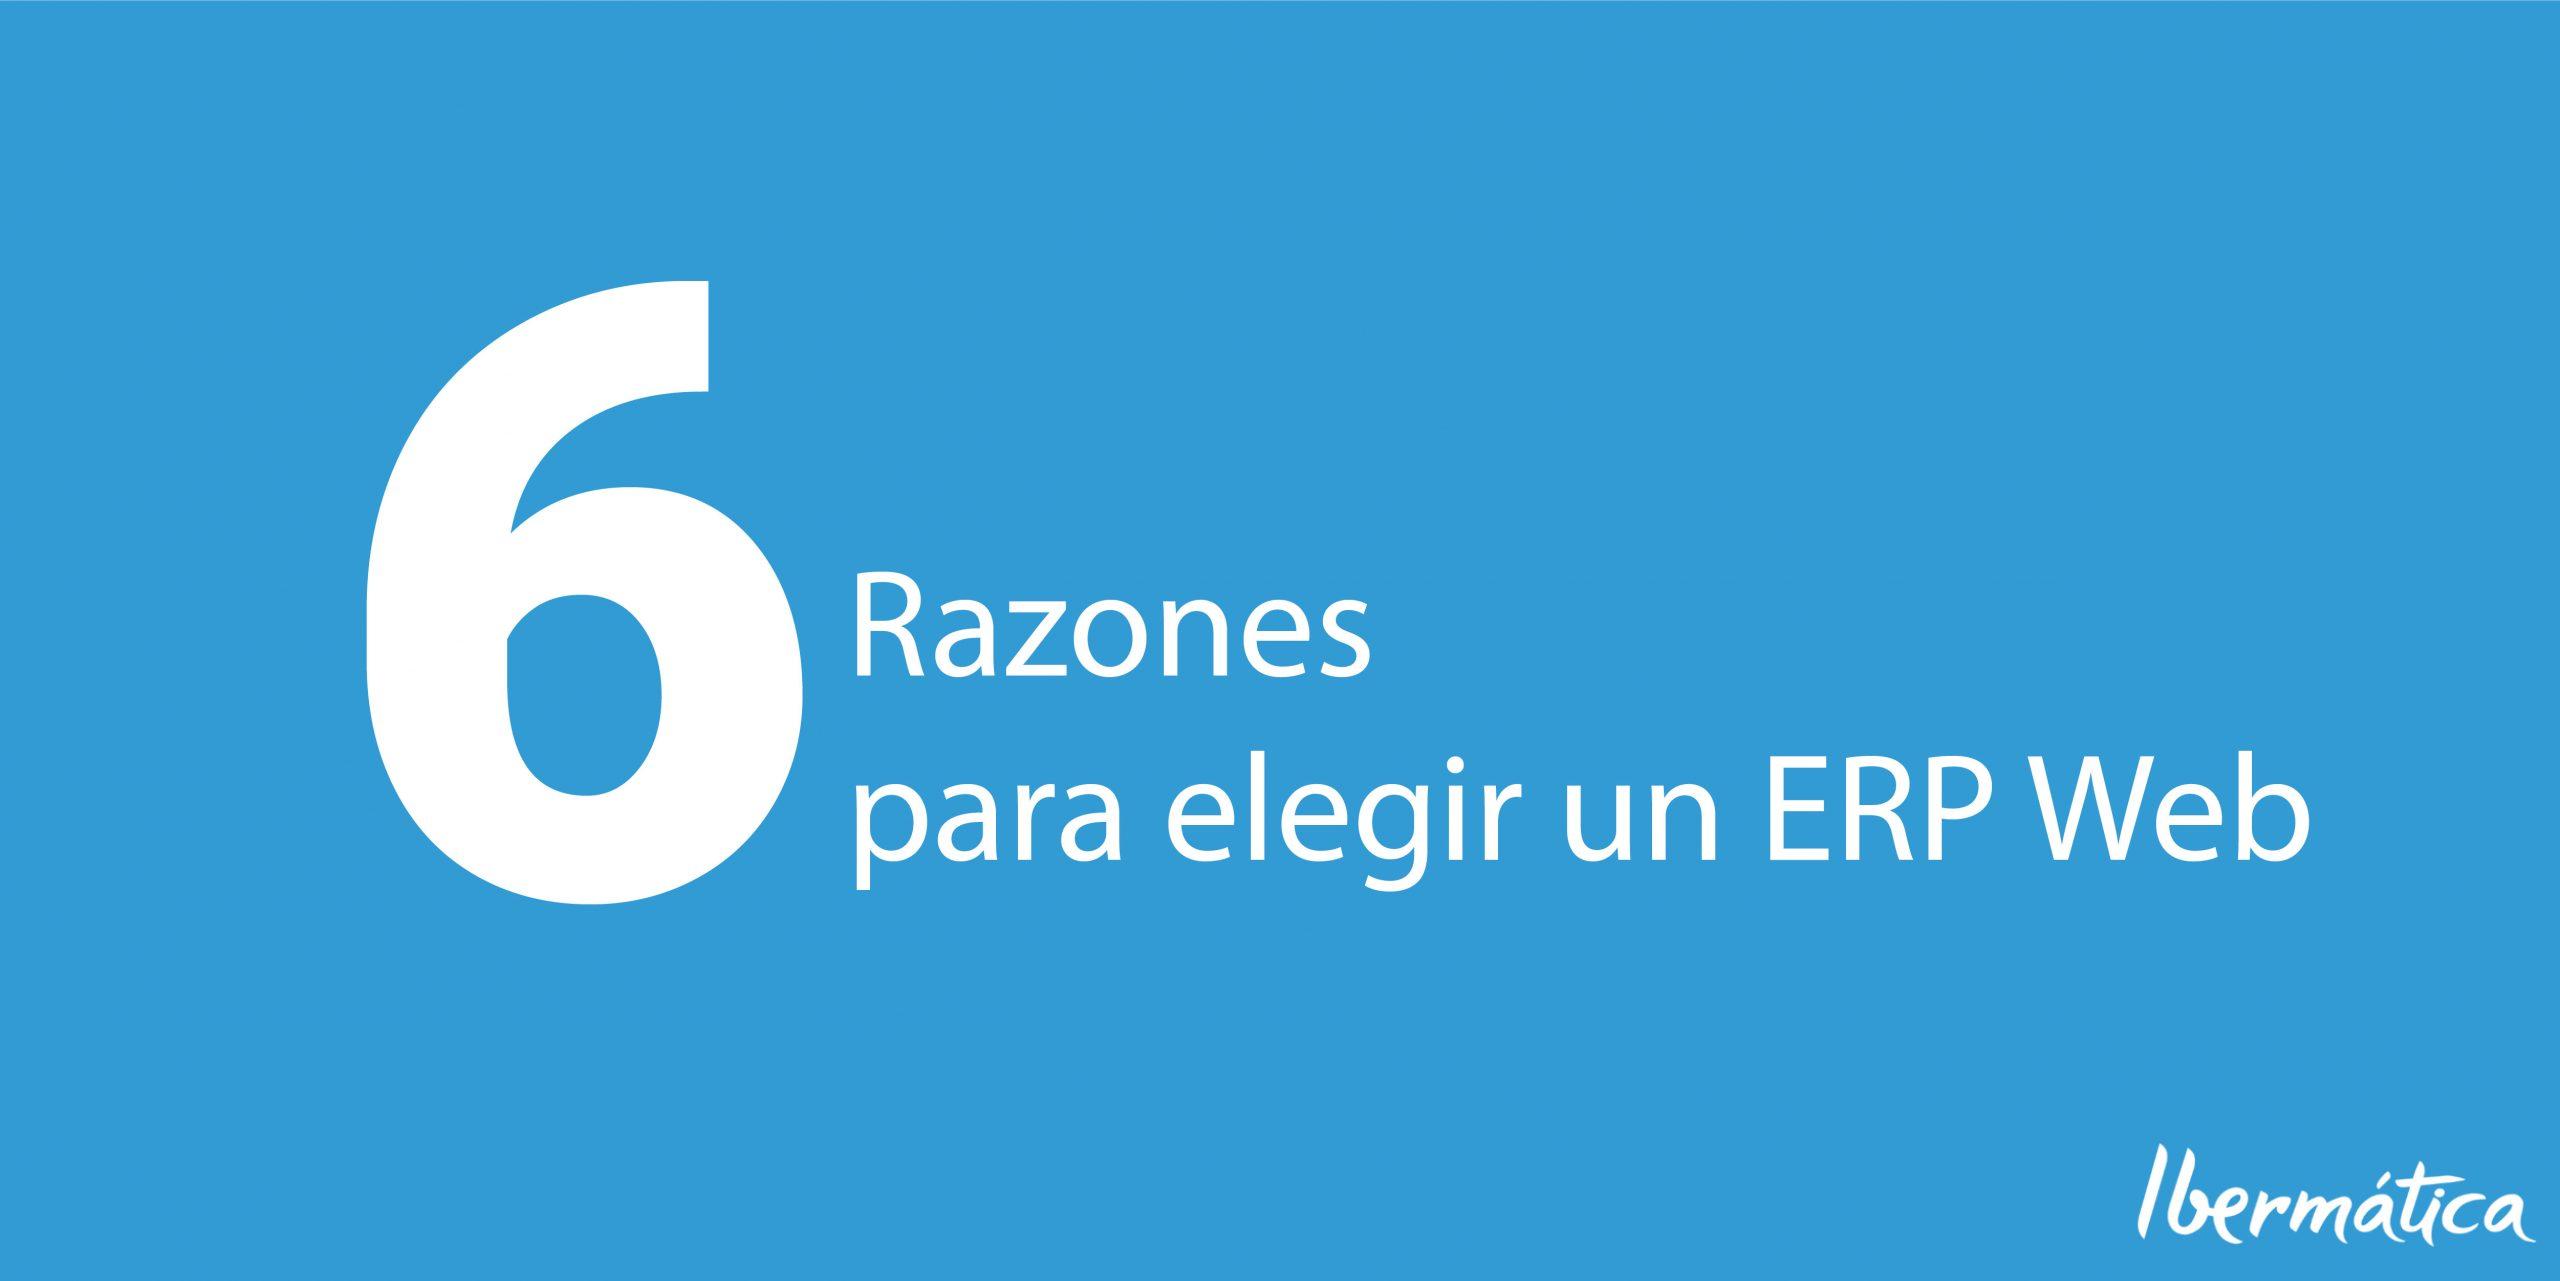 6 razones para tener un WEB ERP